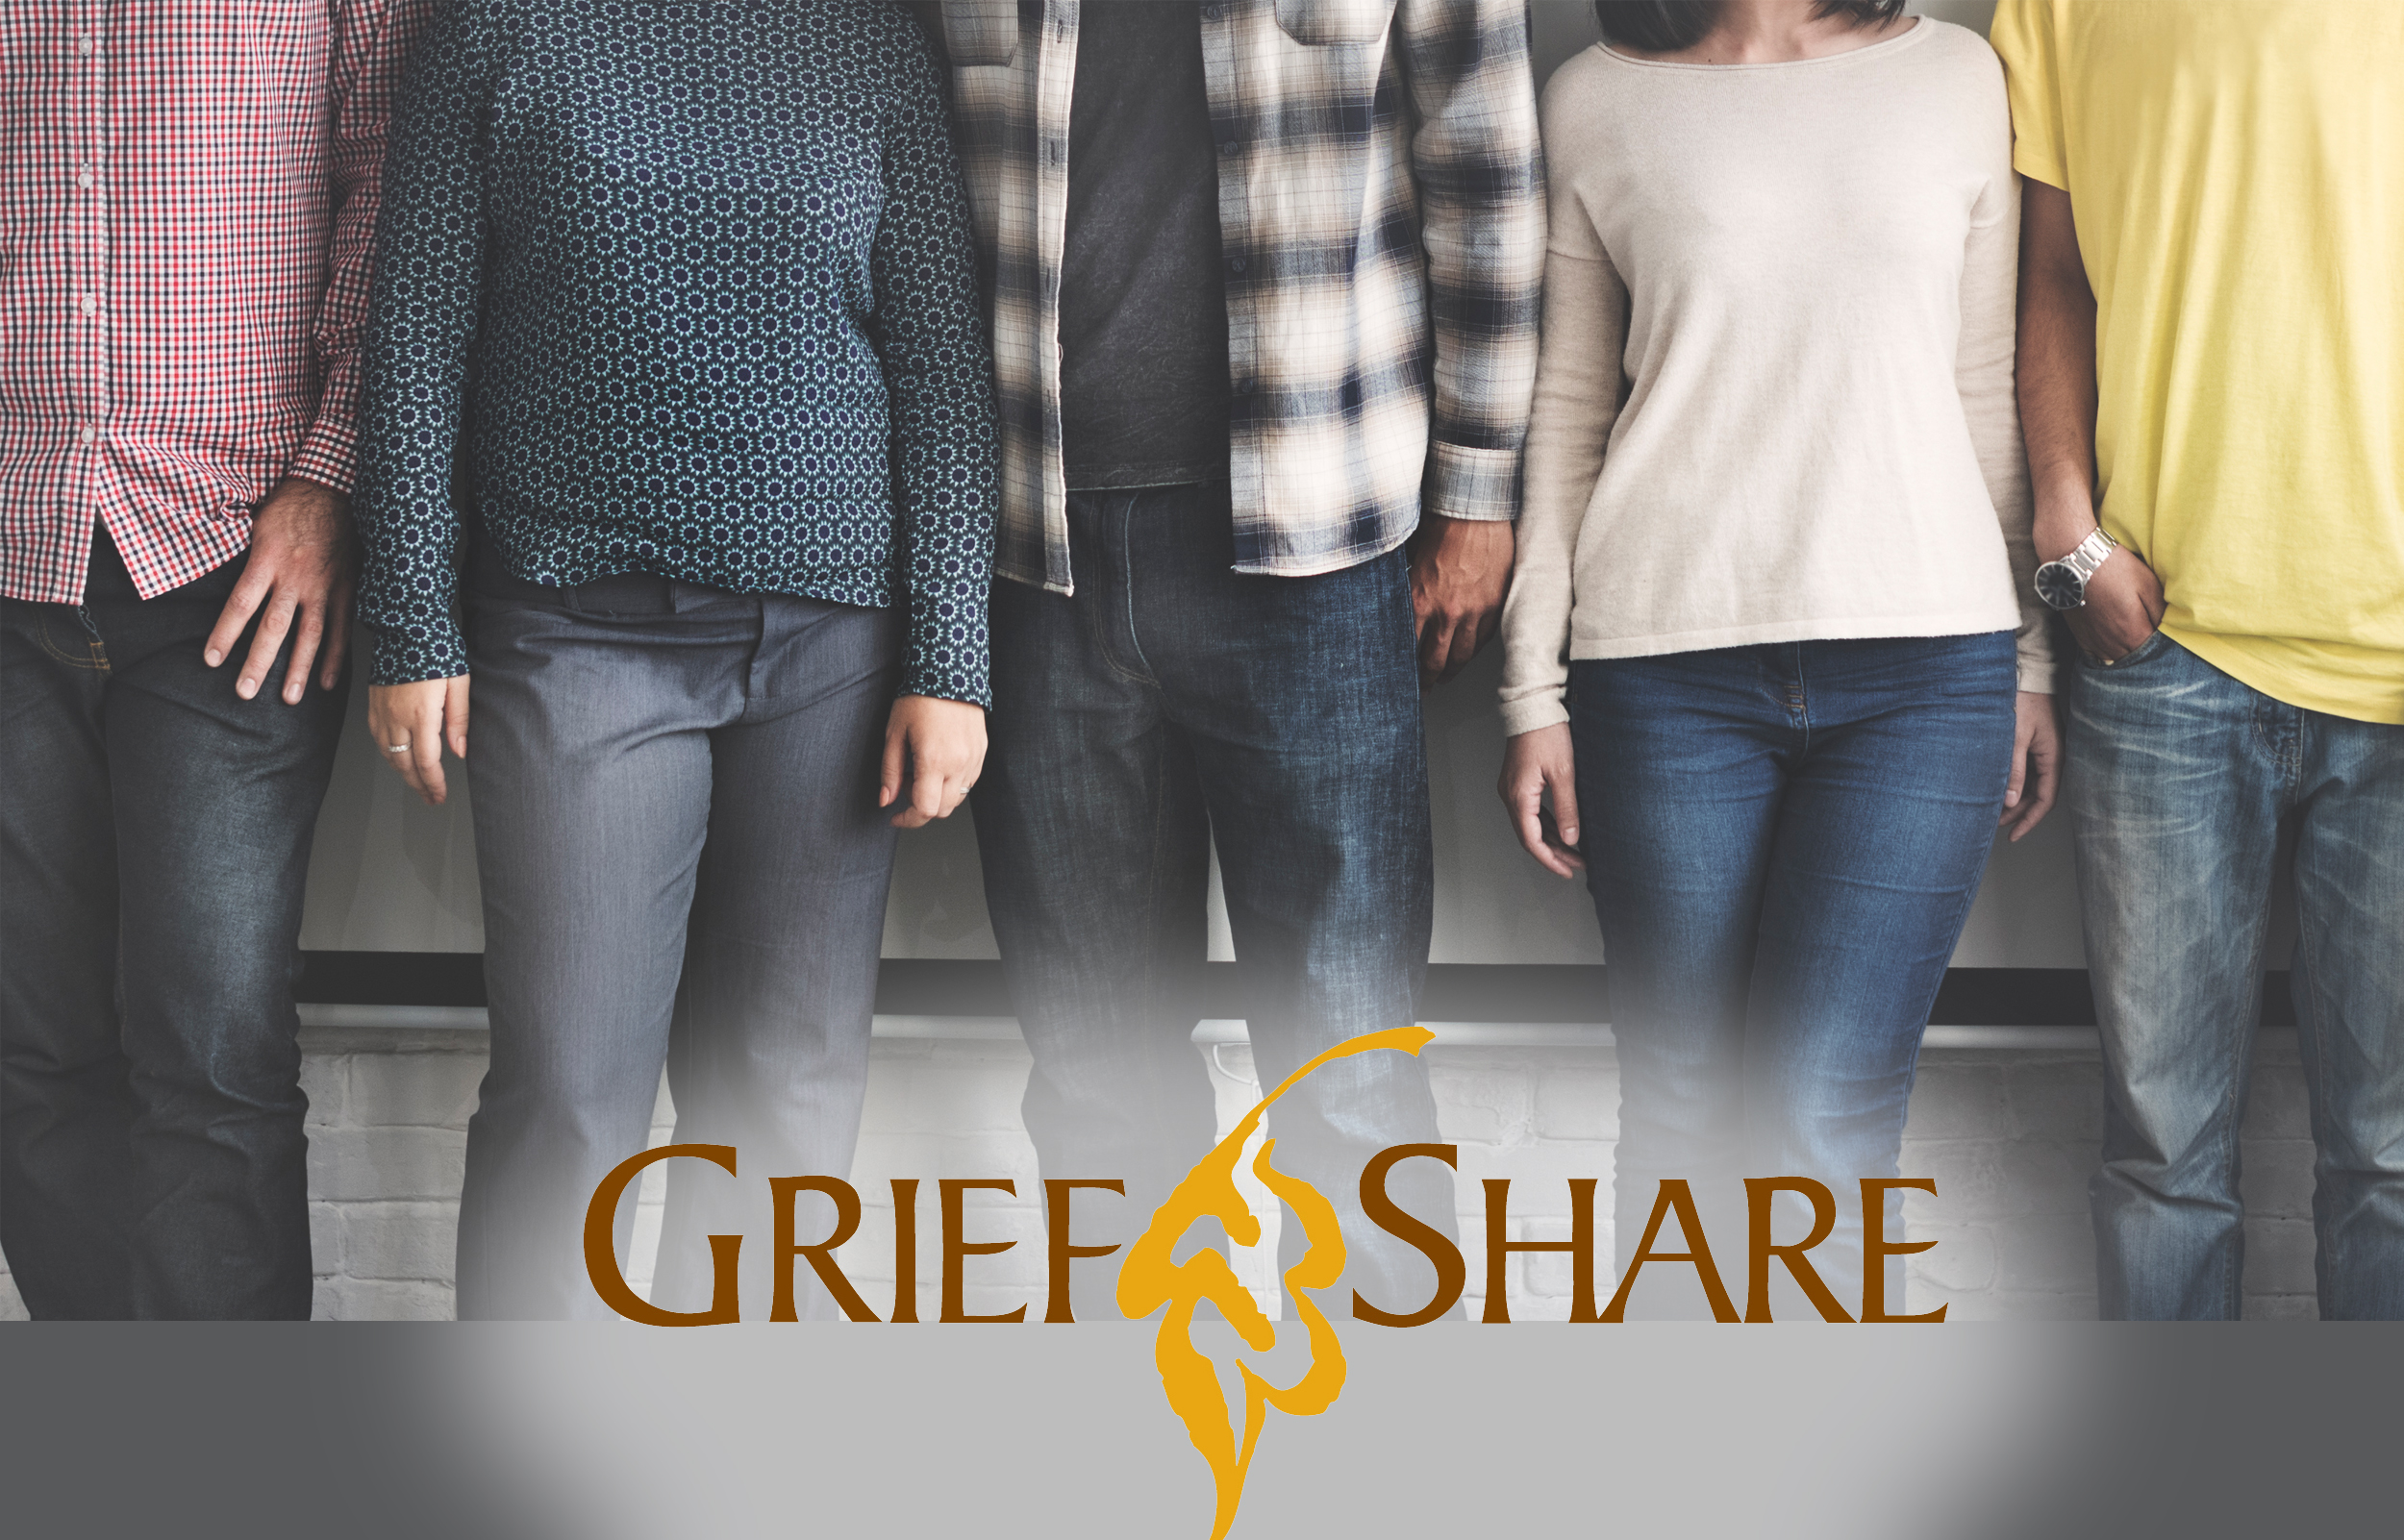 griefshare_website_nospry.jpg